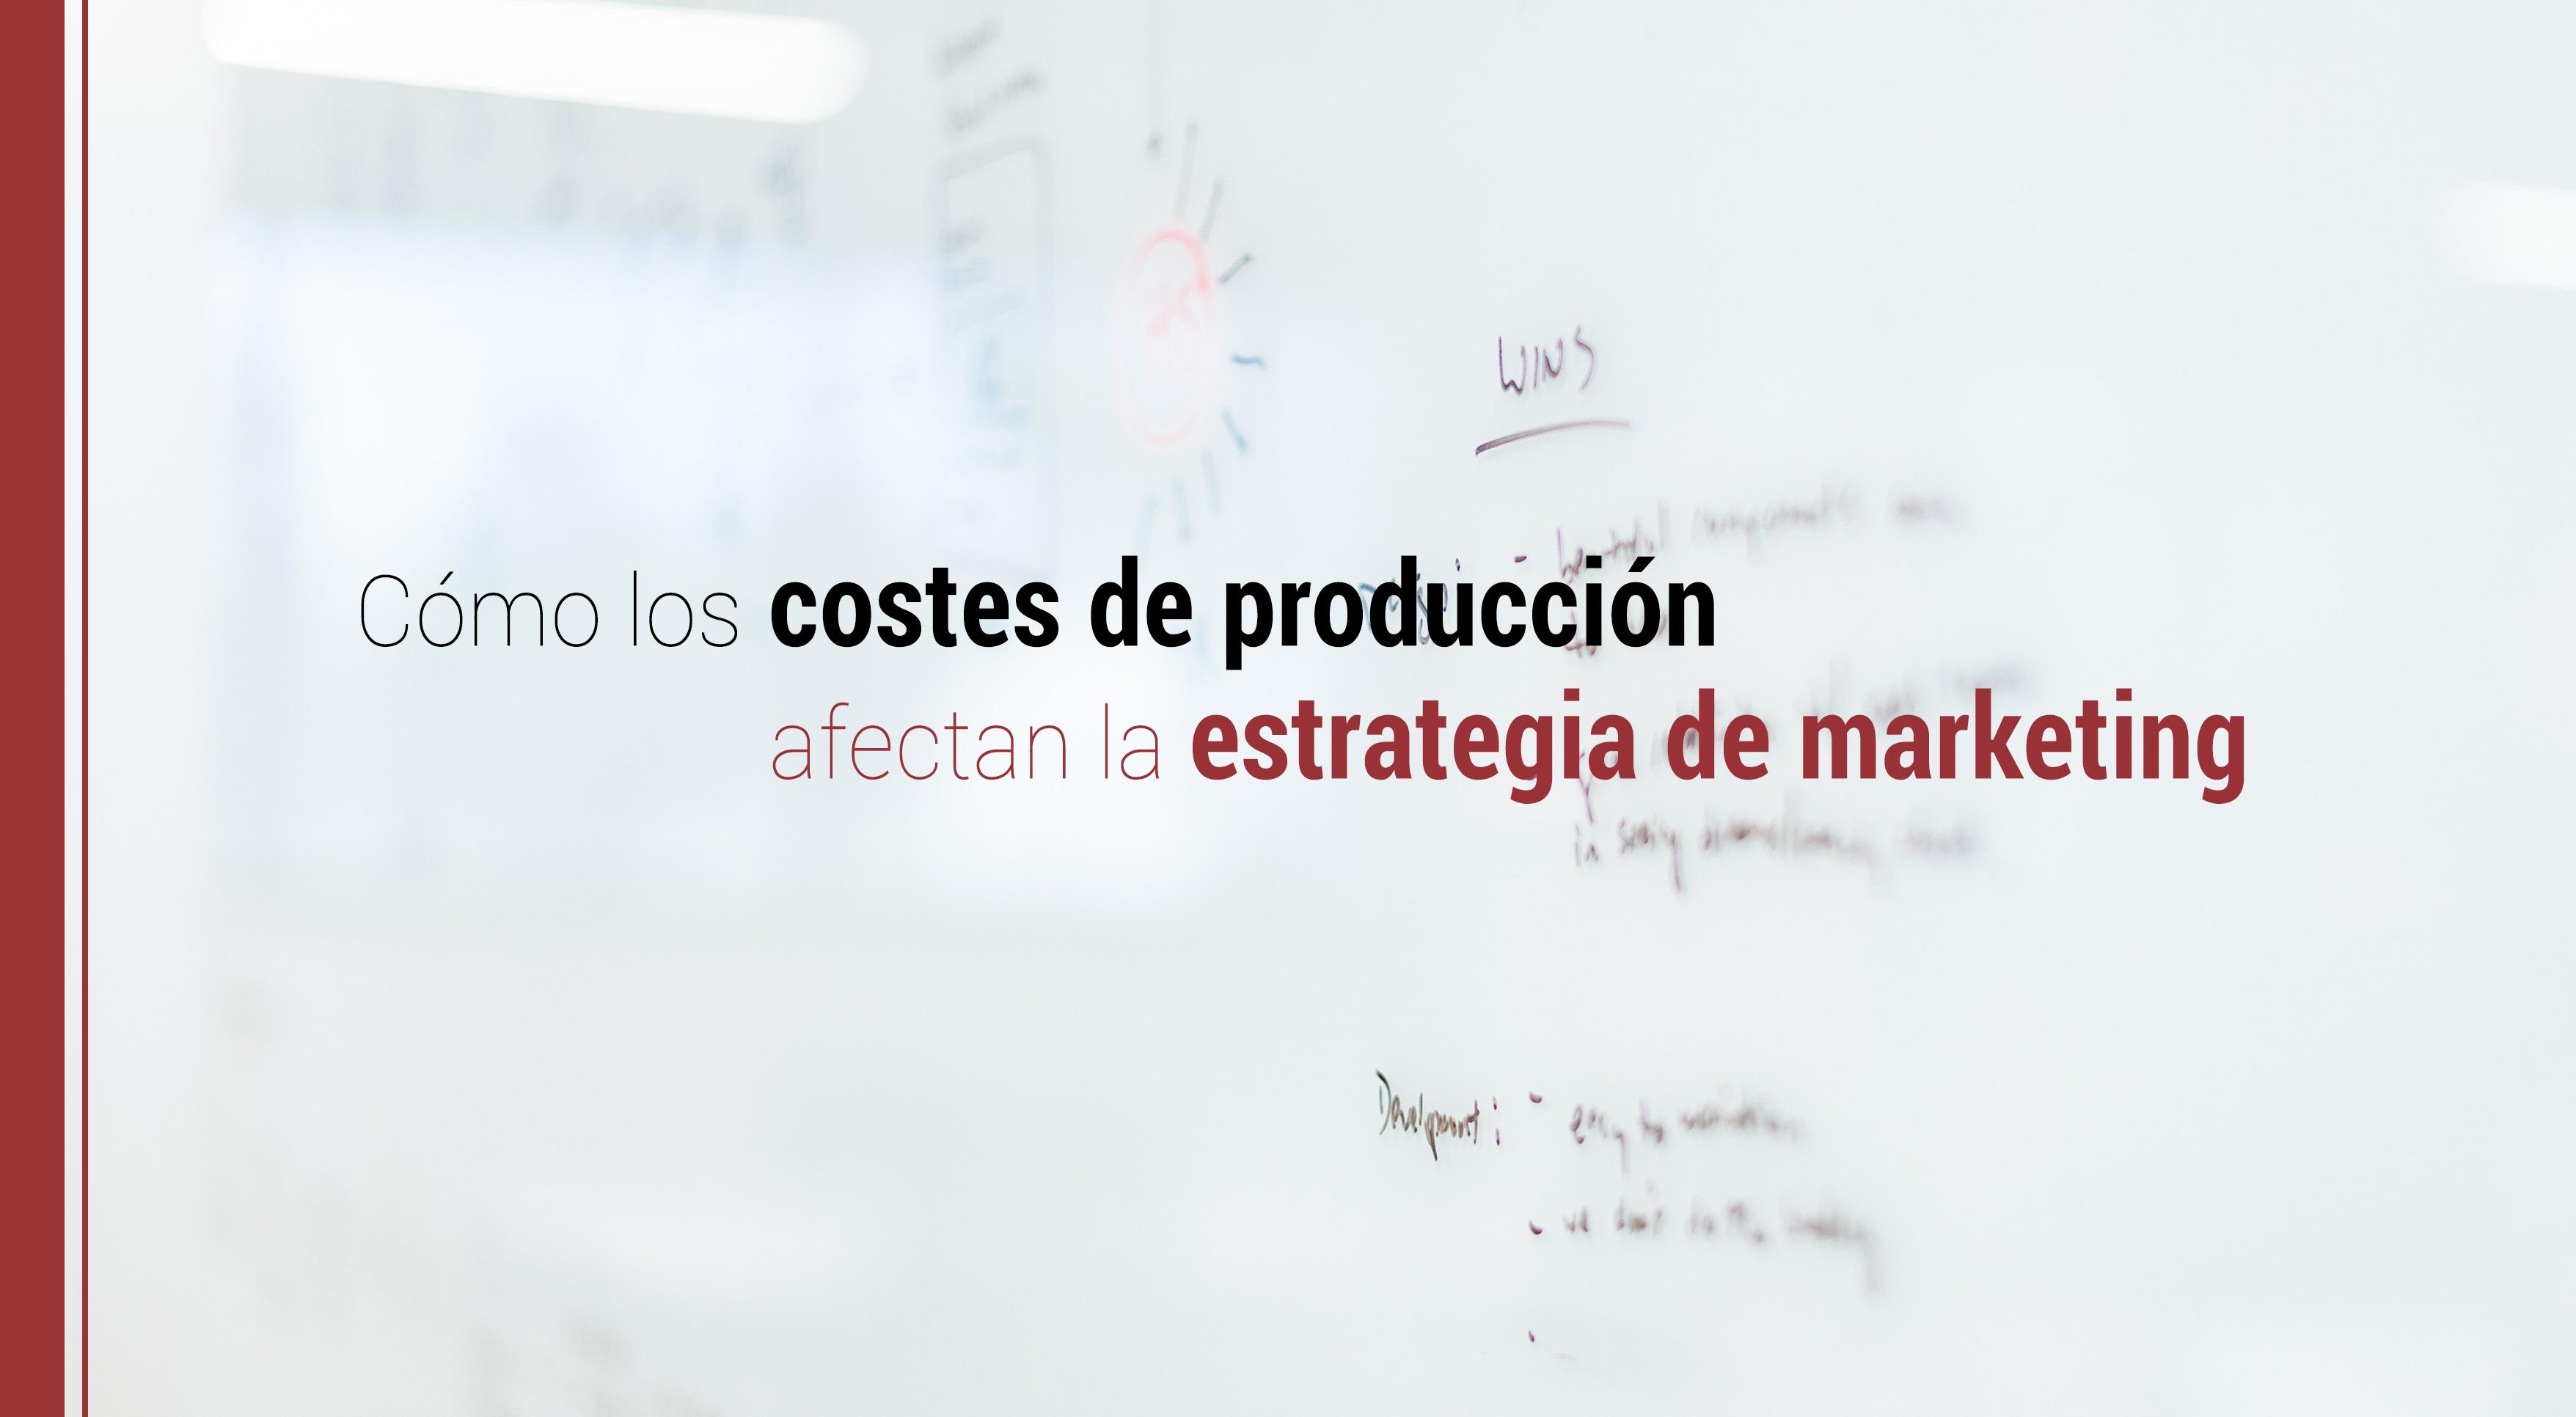 los costes de produccion y la estrategia de marketing